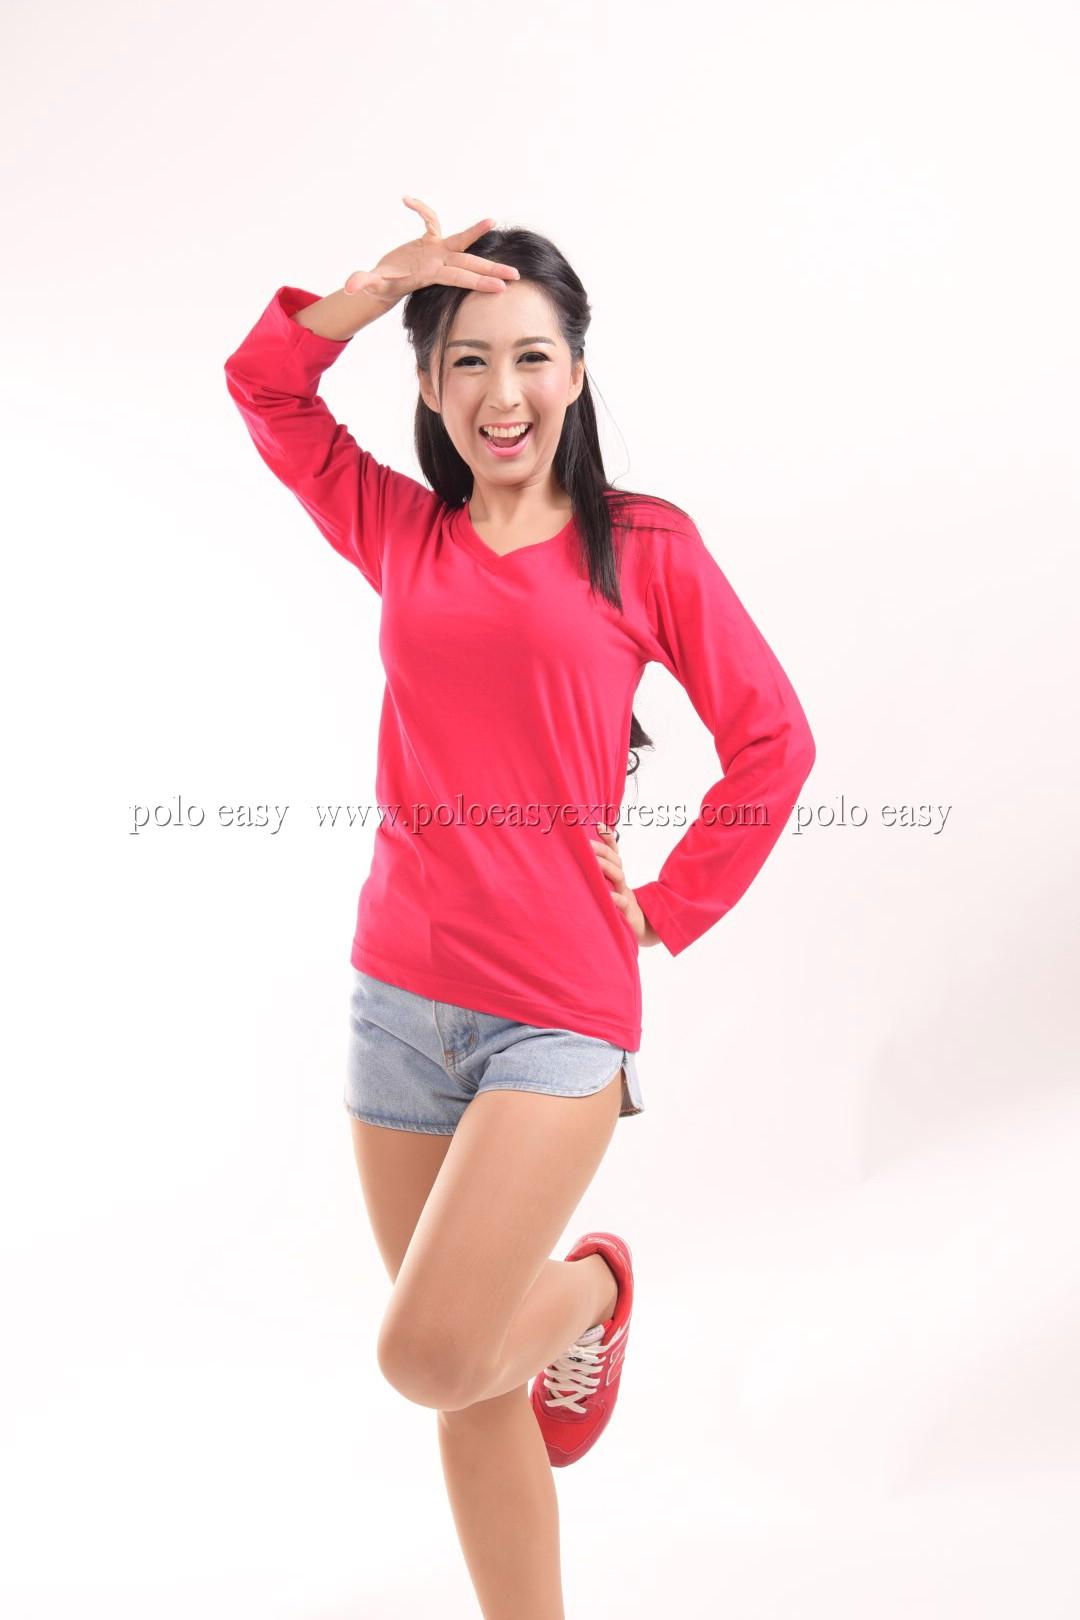 เสื้อยืด สีชมพูบานเย็น คอวี แขนยาว Size S สำเนา